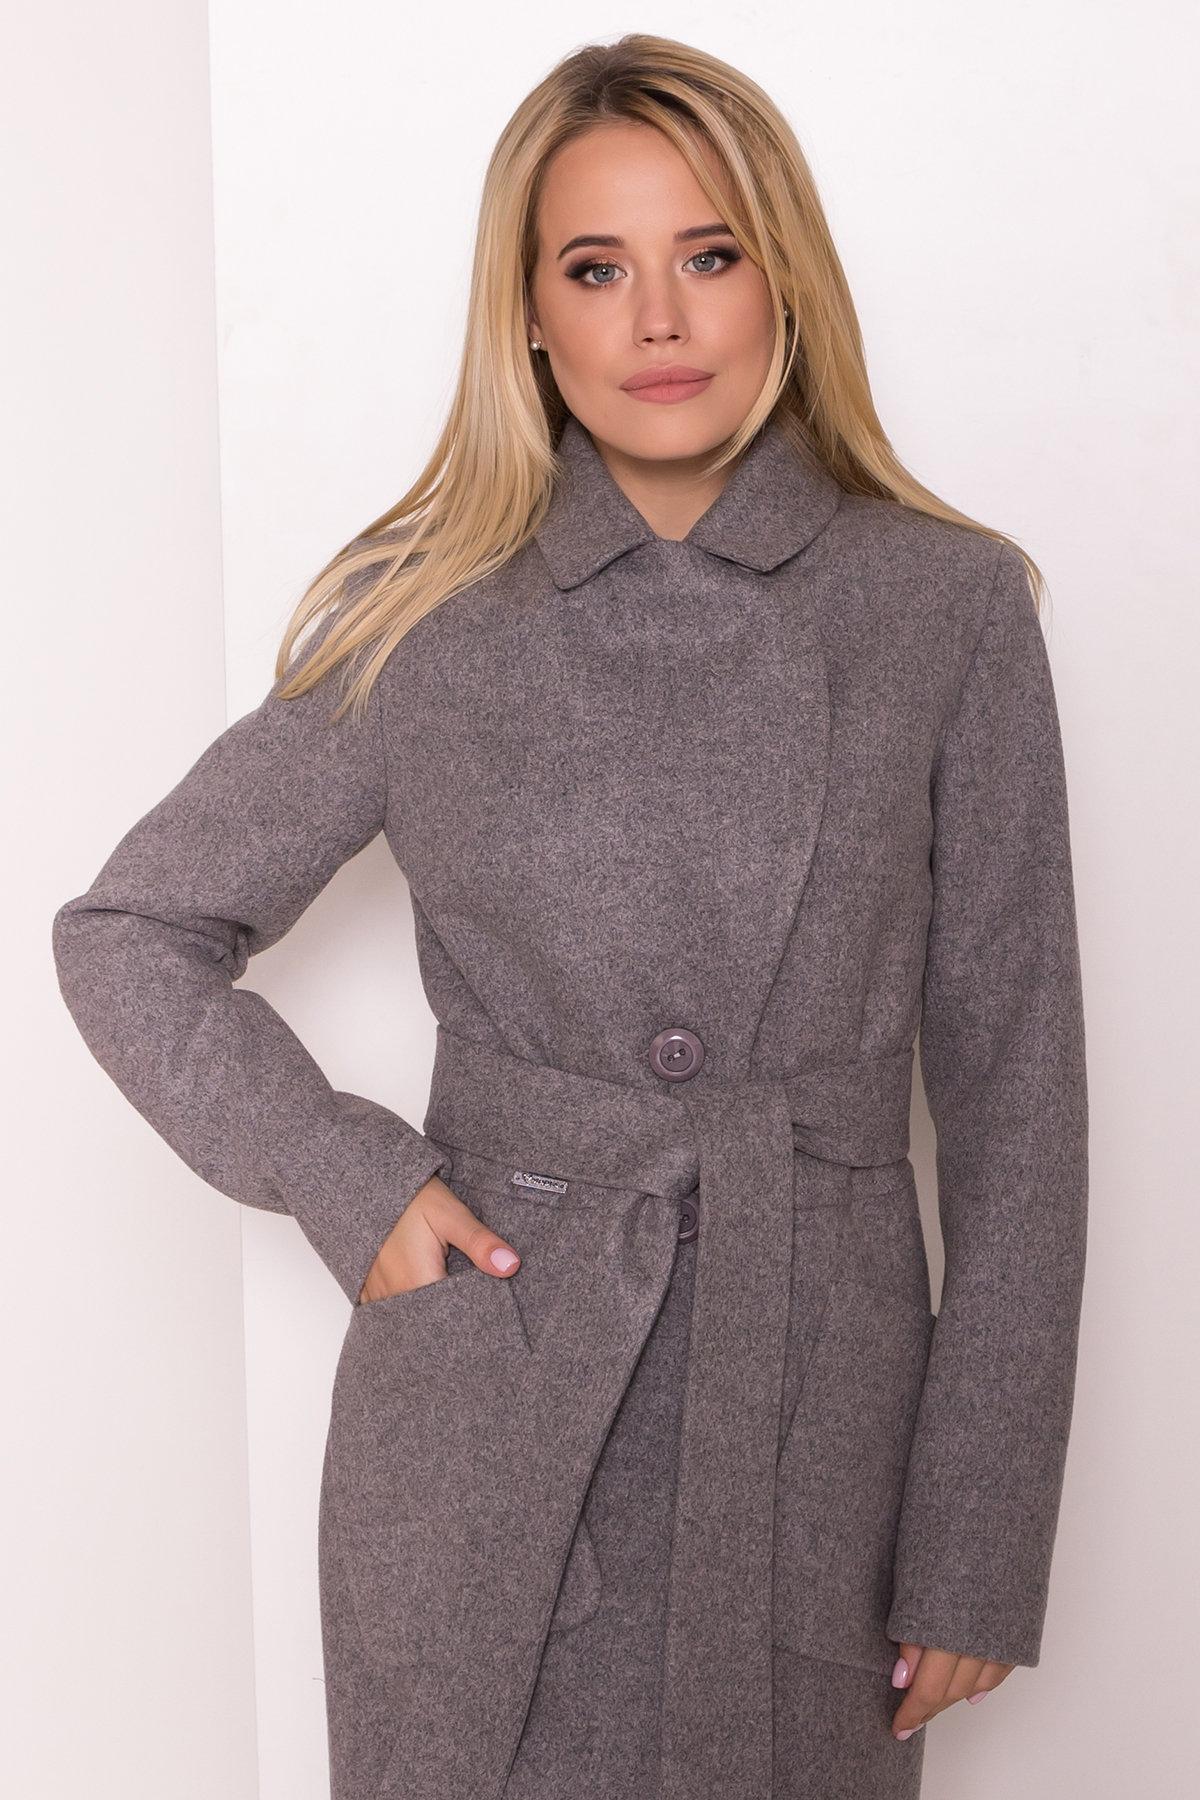 Классическое пальто Габриэлла 7872 АРТ. 43800 Цвет: Карамель 20/1 - фото 5, интернет магазин tm-modus.ru